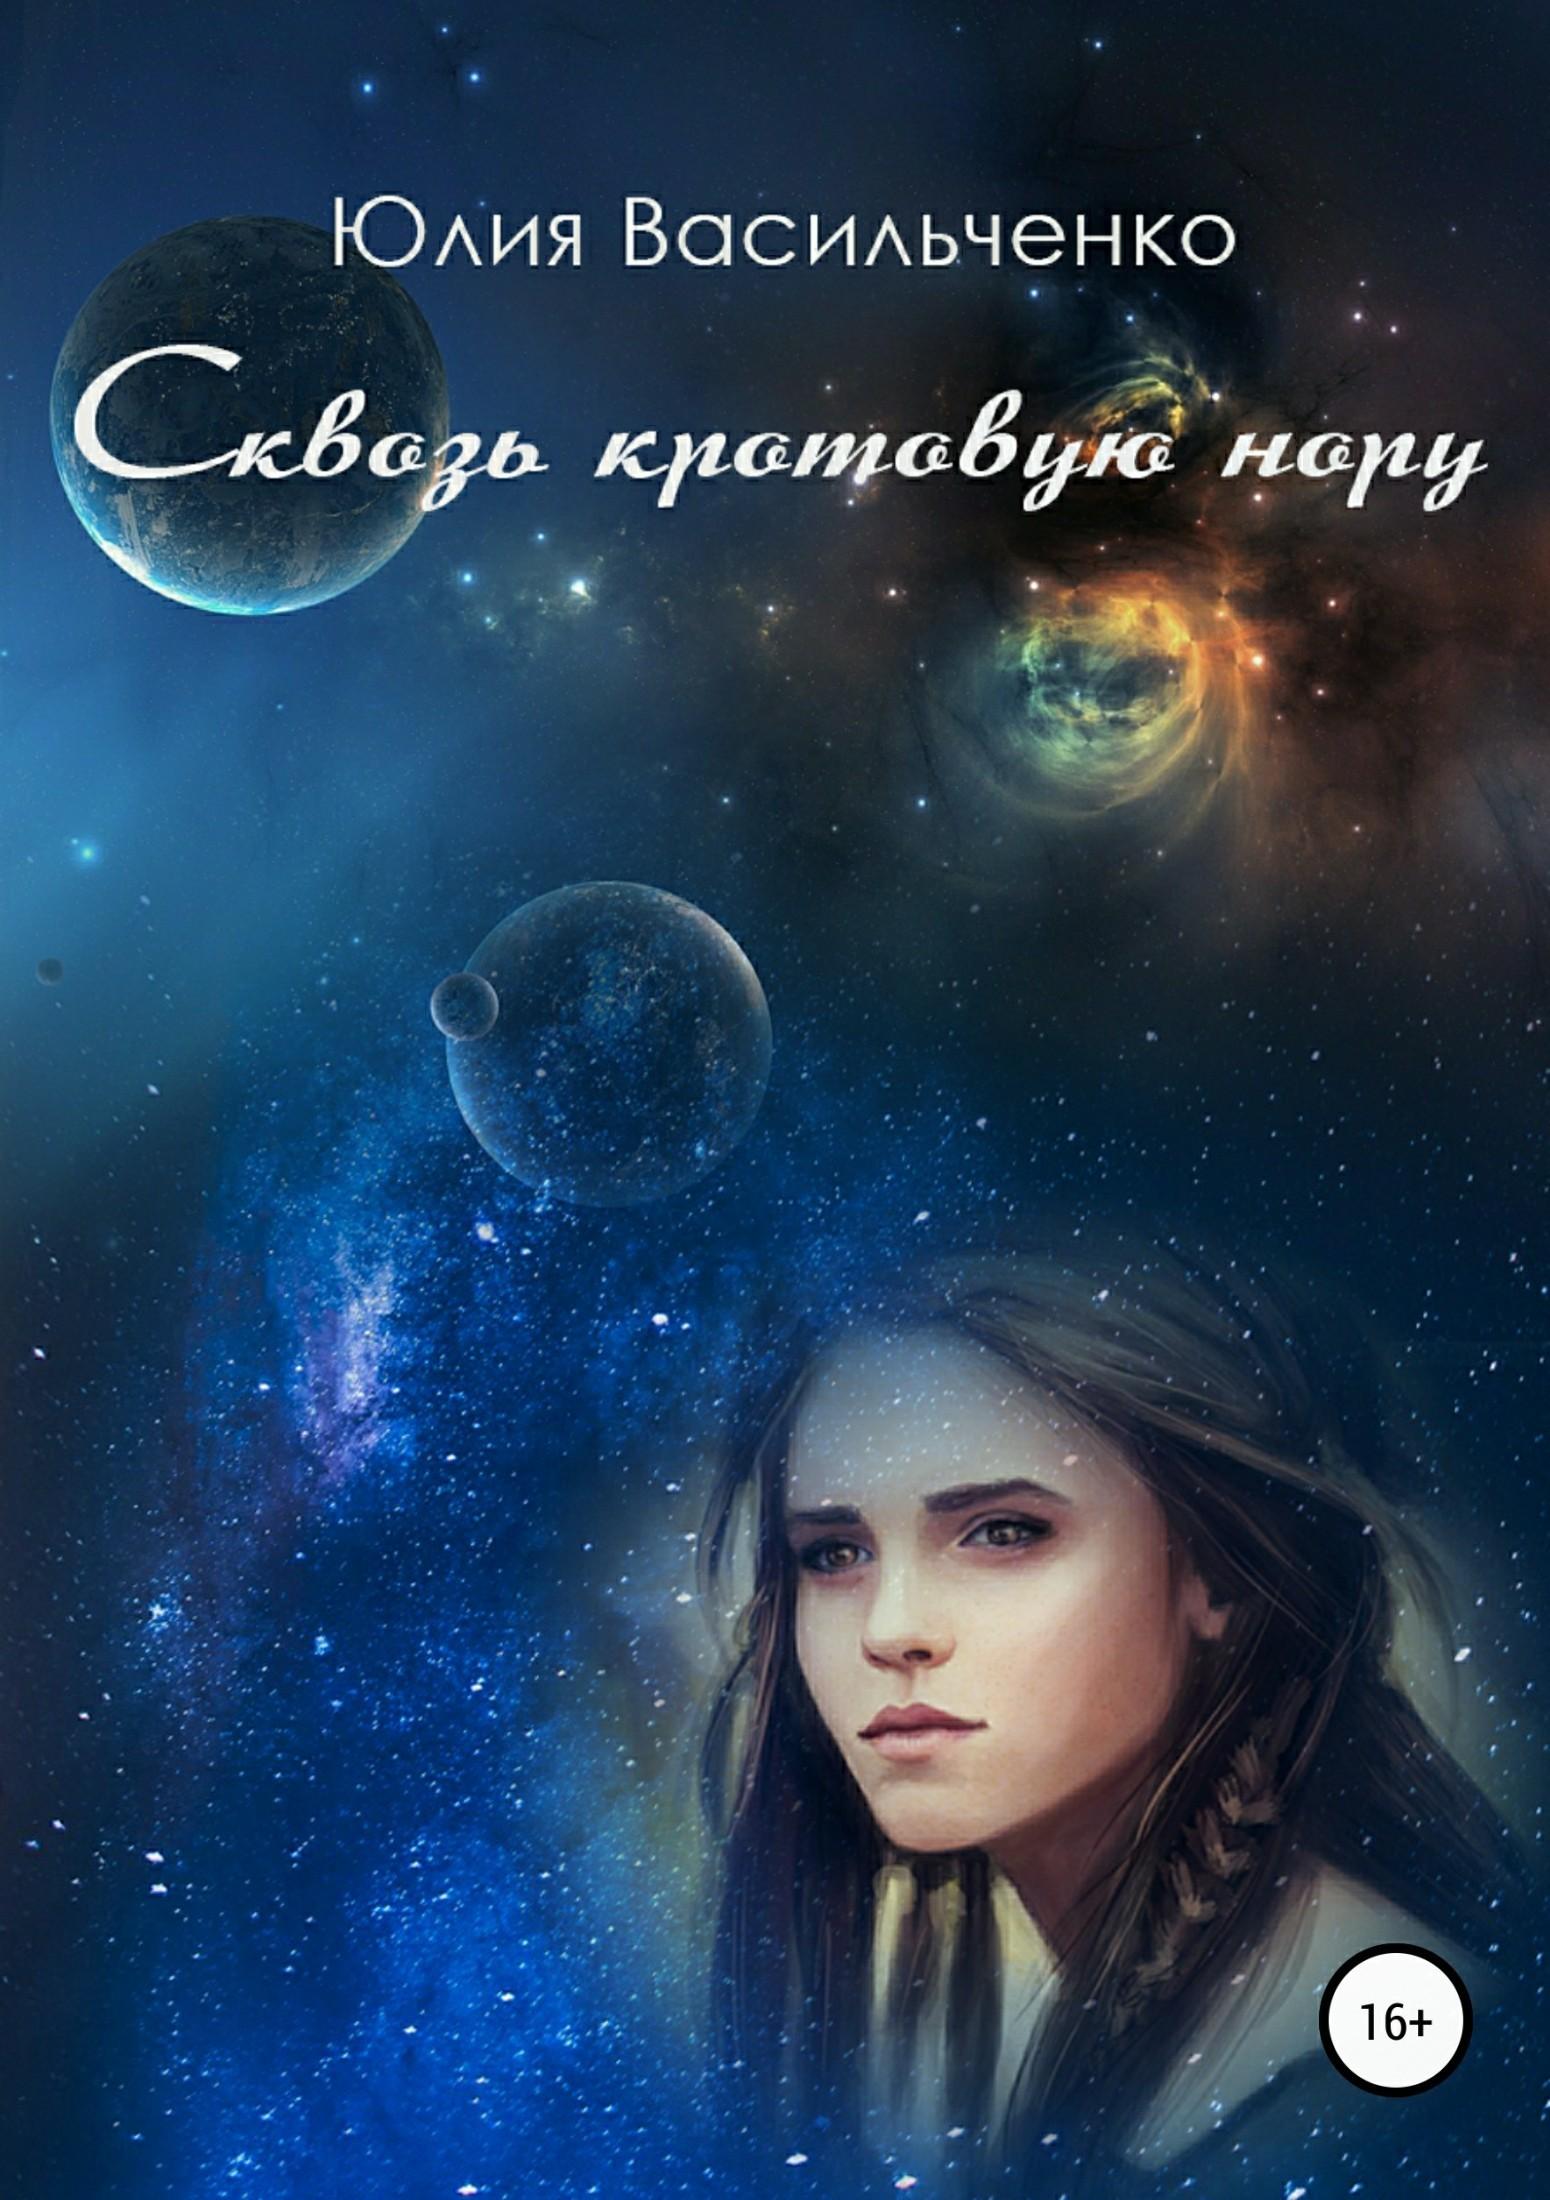 Юлия Васильченко - Сквозь кротовую нору